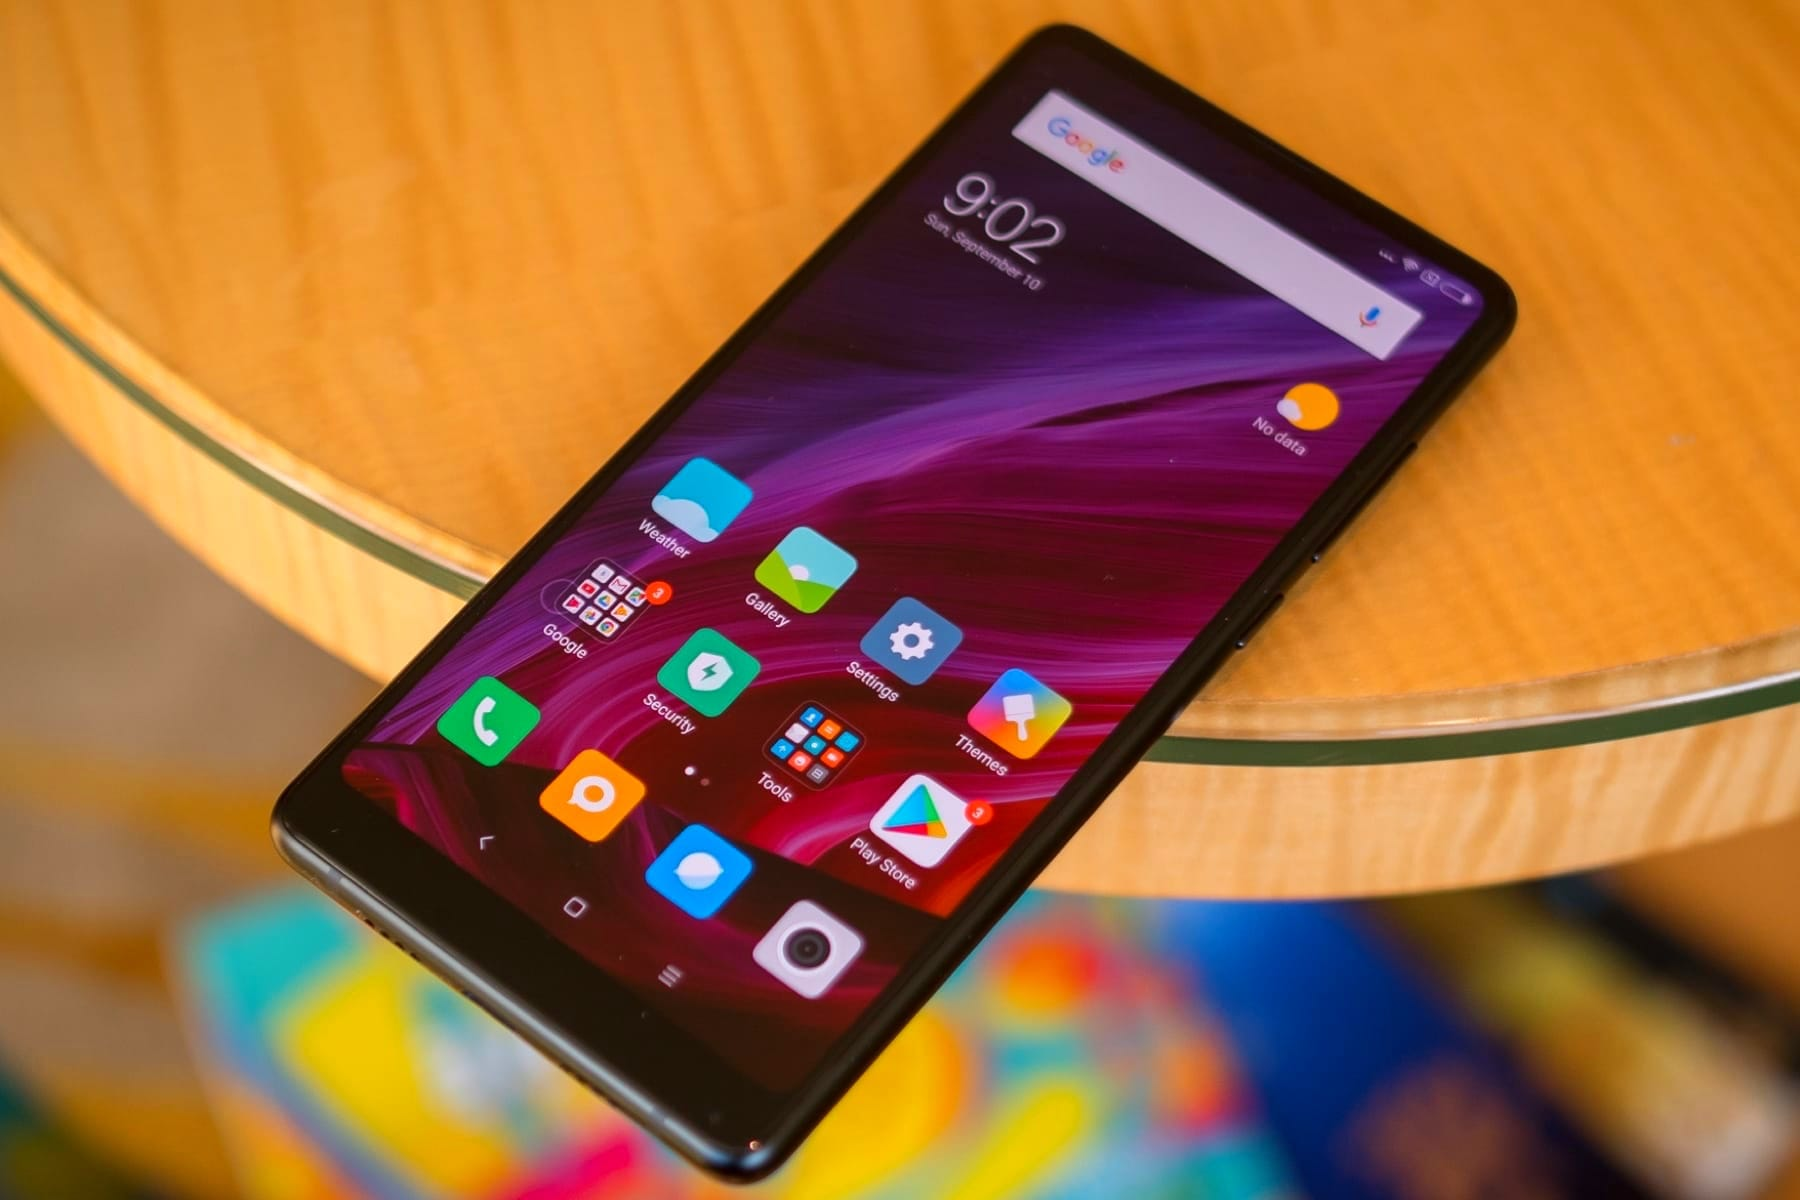 Новый смартфон Sharp Aquos S3 будет недорогим аналогом iPhone X